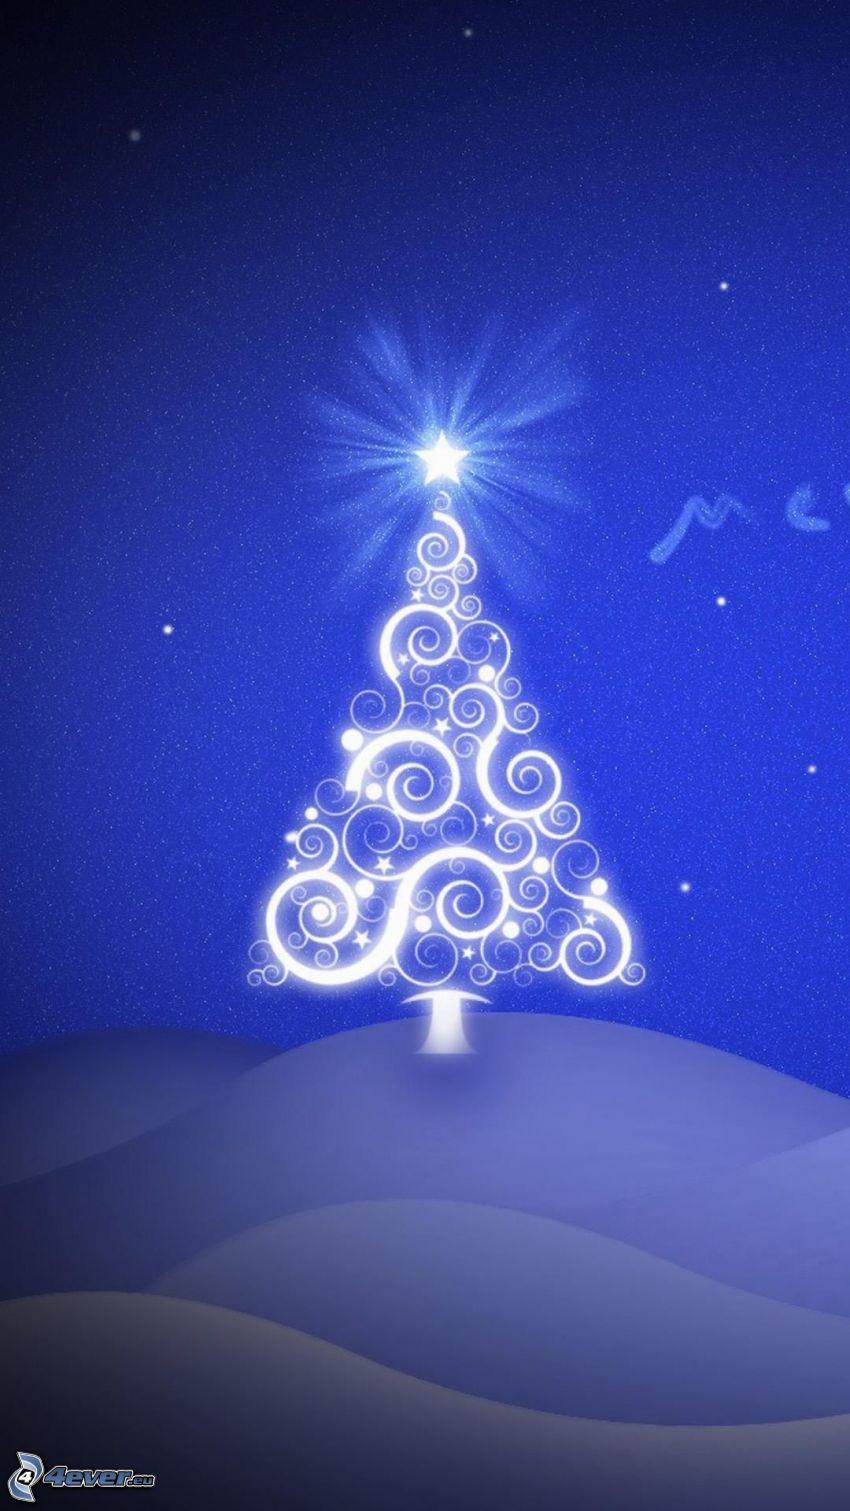 karácsonyfa, csillag, kék háttér